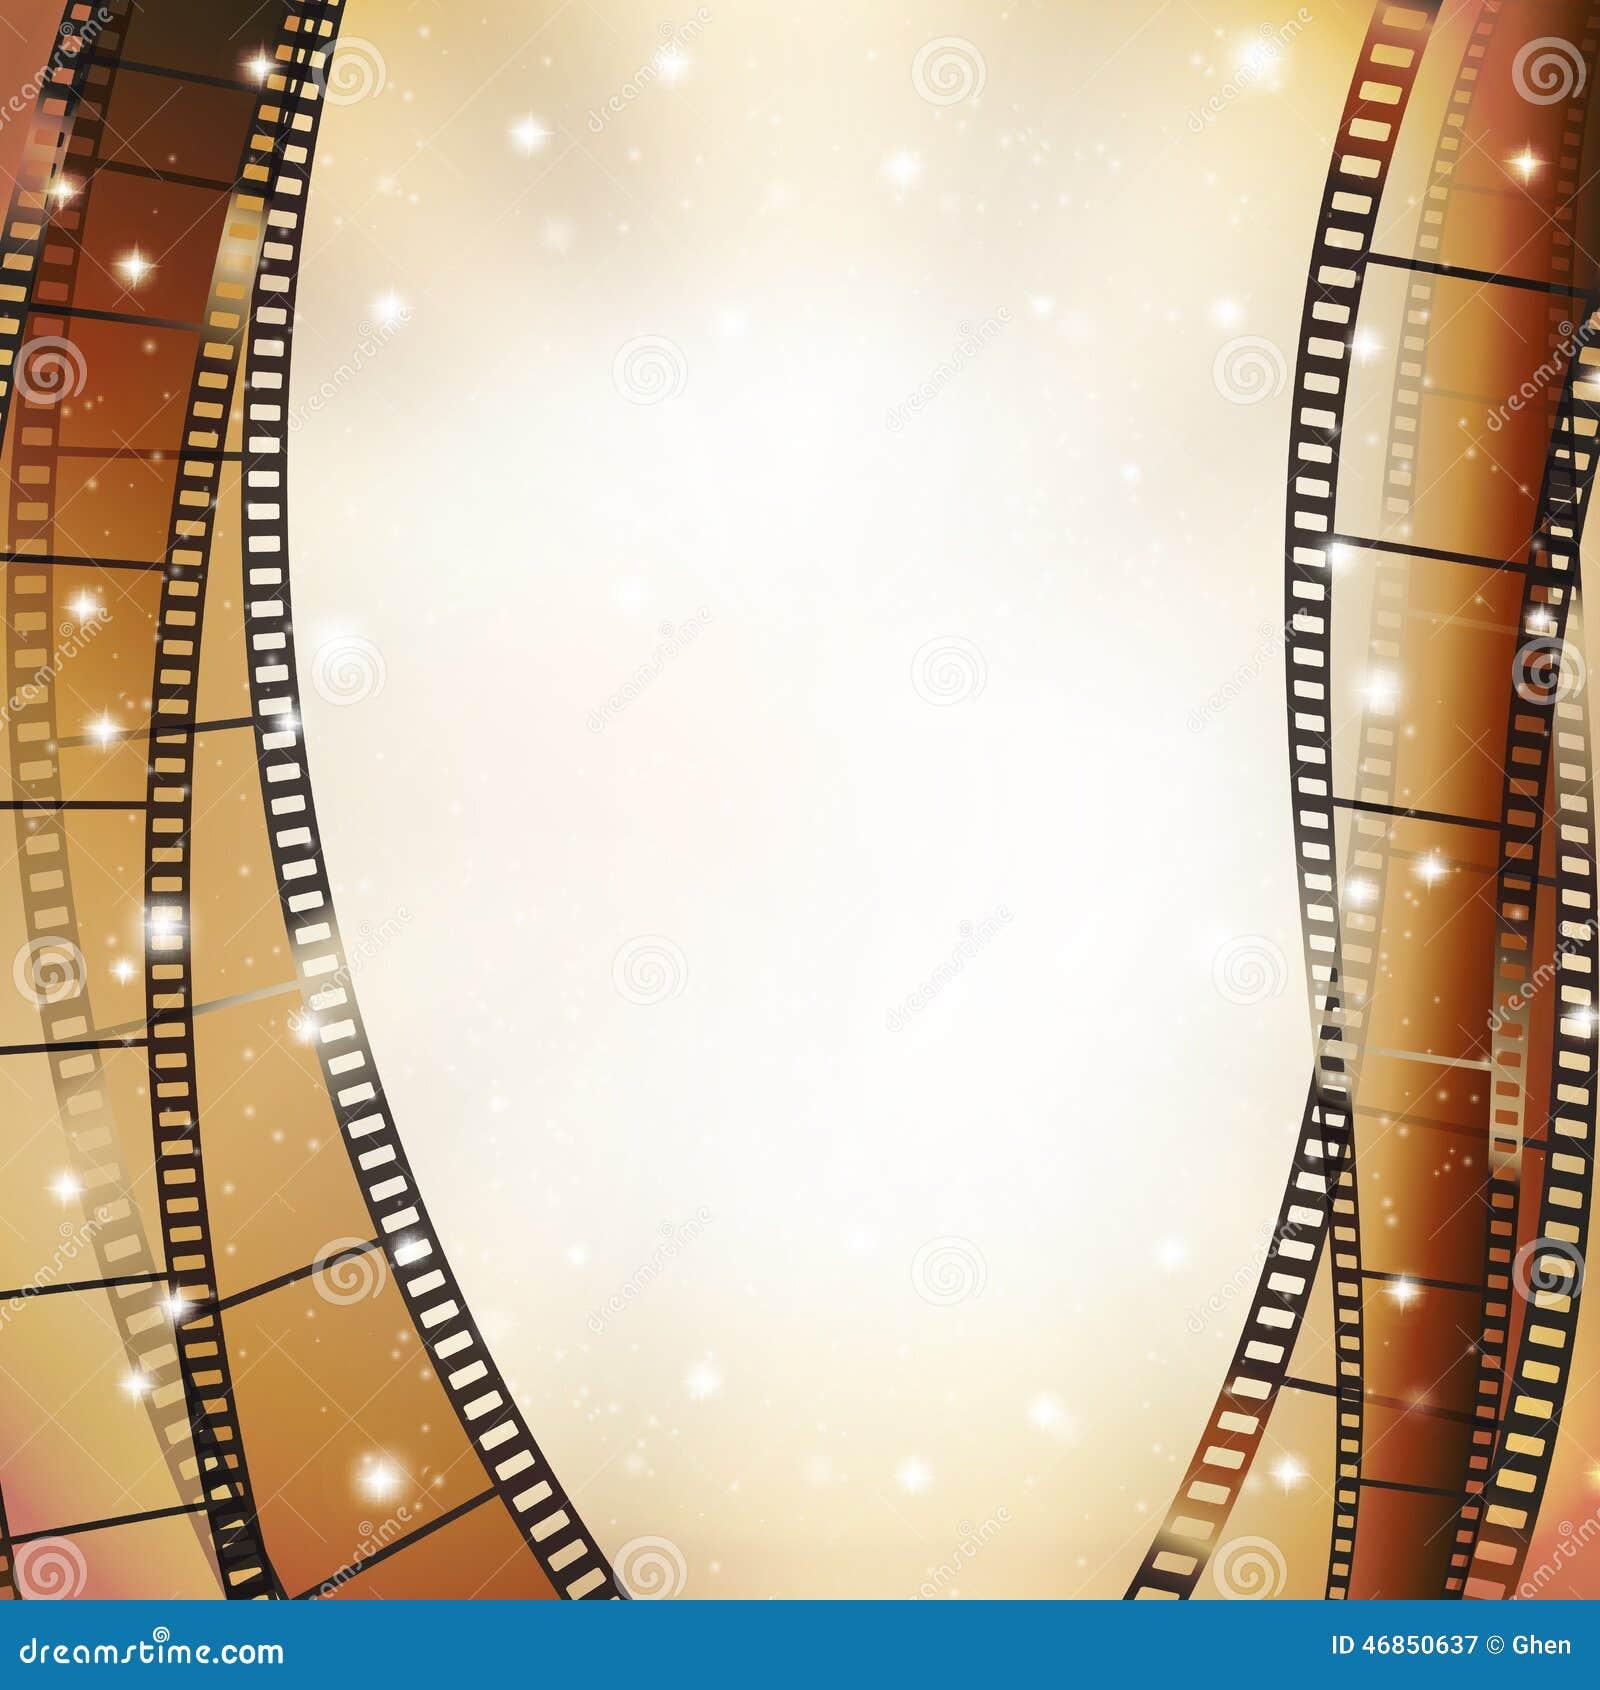 Fond de cinéma illustration de vecteur. Illustration du cinéma